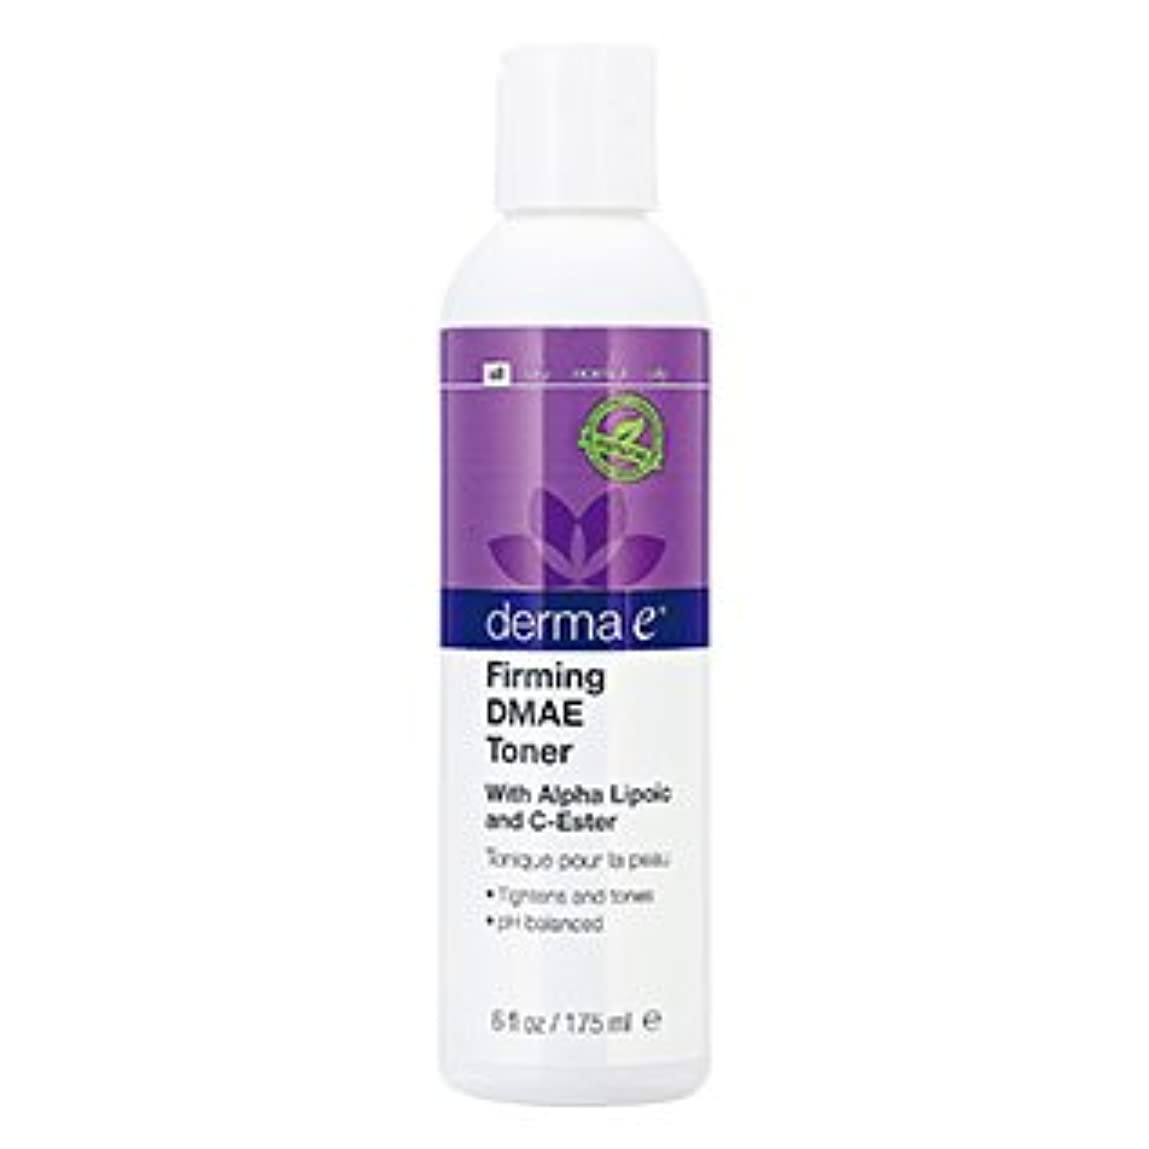 アスペクトまろやかな外出ダーマE(Derma E) DMAE アルファリポ酸 Cエスター ファーミングフェイシャルトナー 175ml [海外直送][並行輸入品]